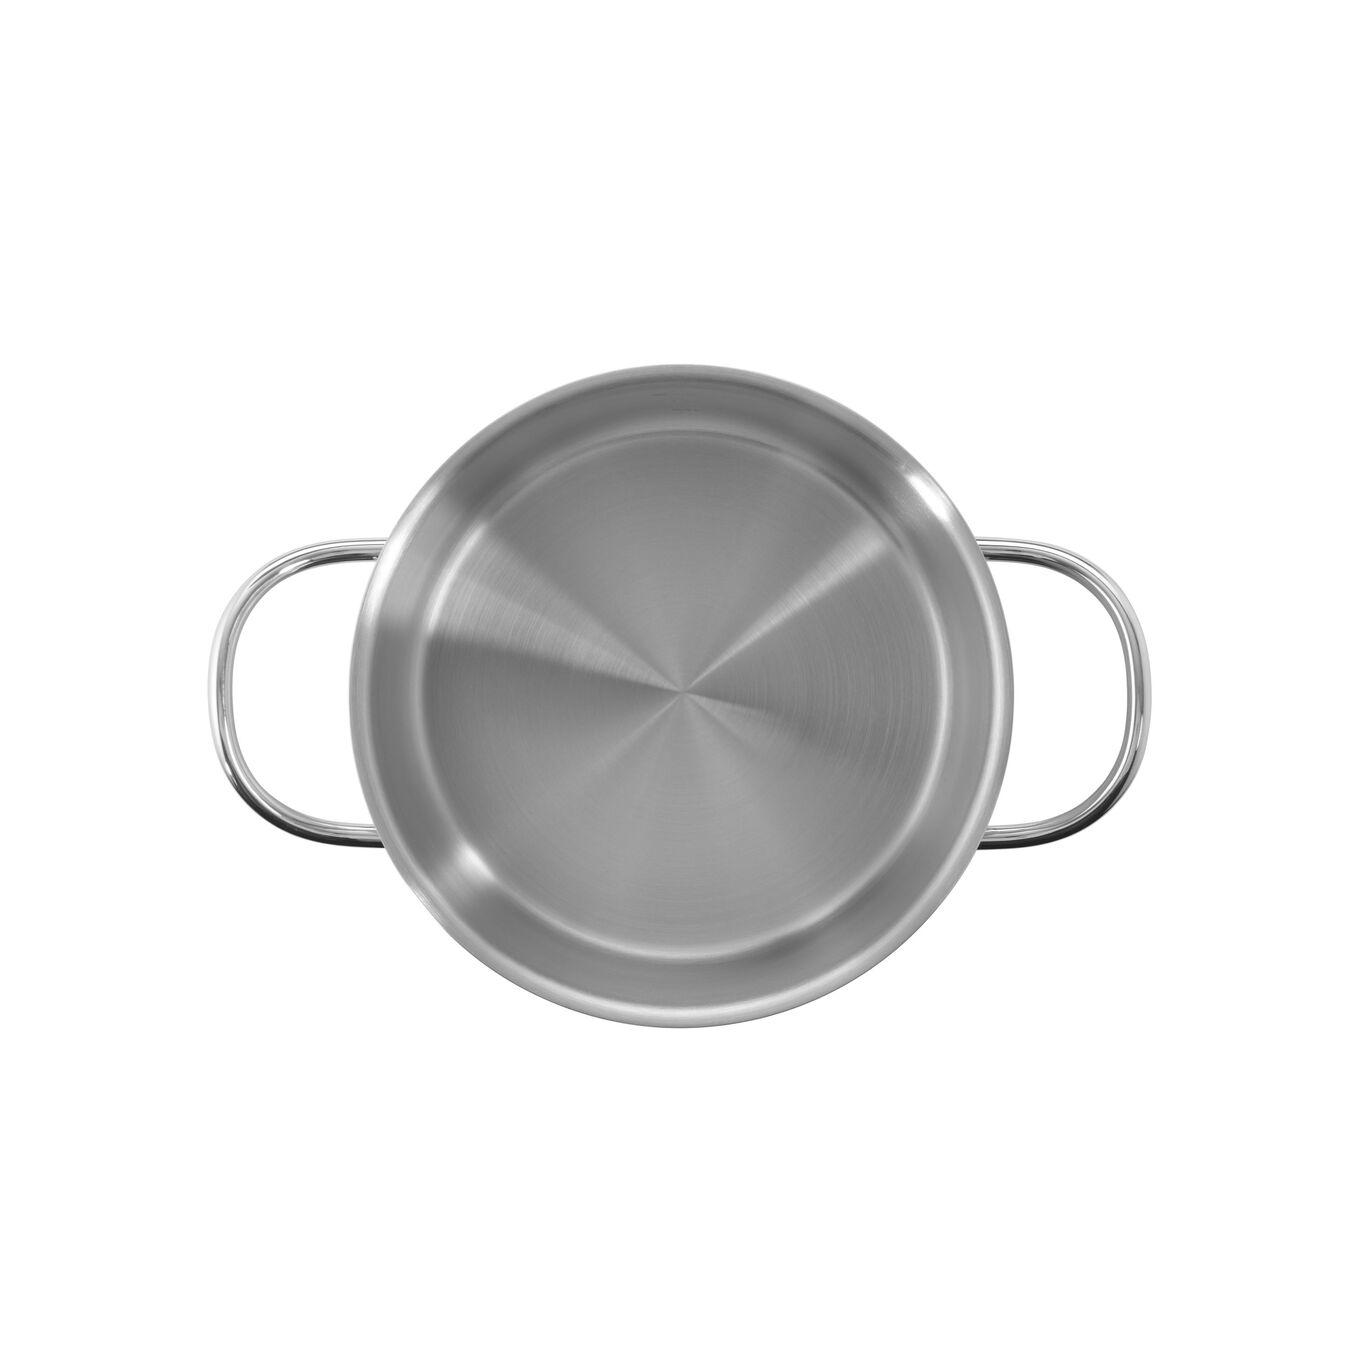 Pentola - 20 cm, 18/10 acciaio inossidabile,,large 3